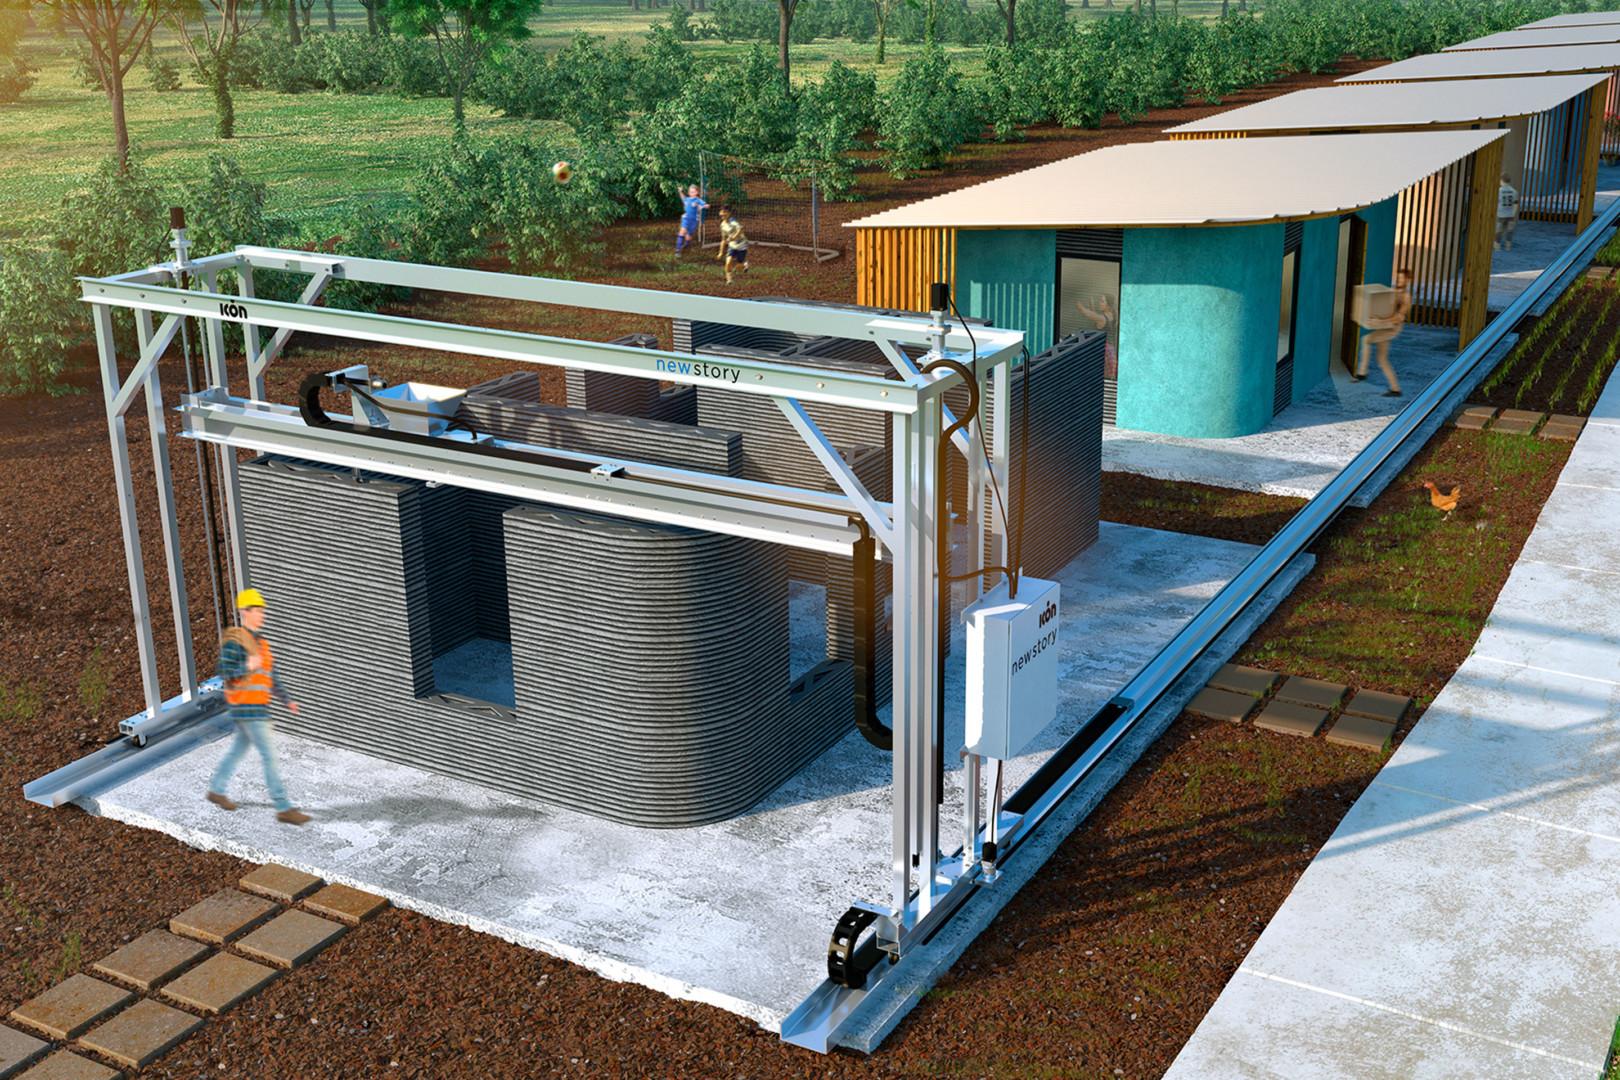 Un modello che mostra con quanta facilità le case possono essere stampate in 3D.